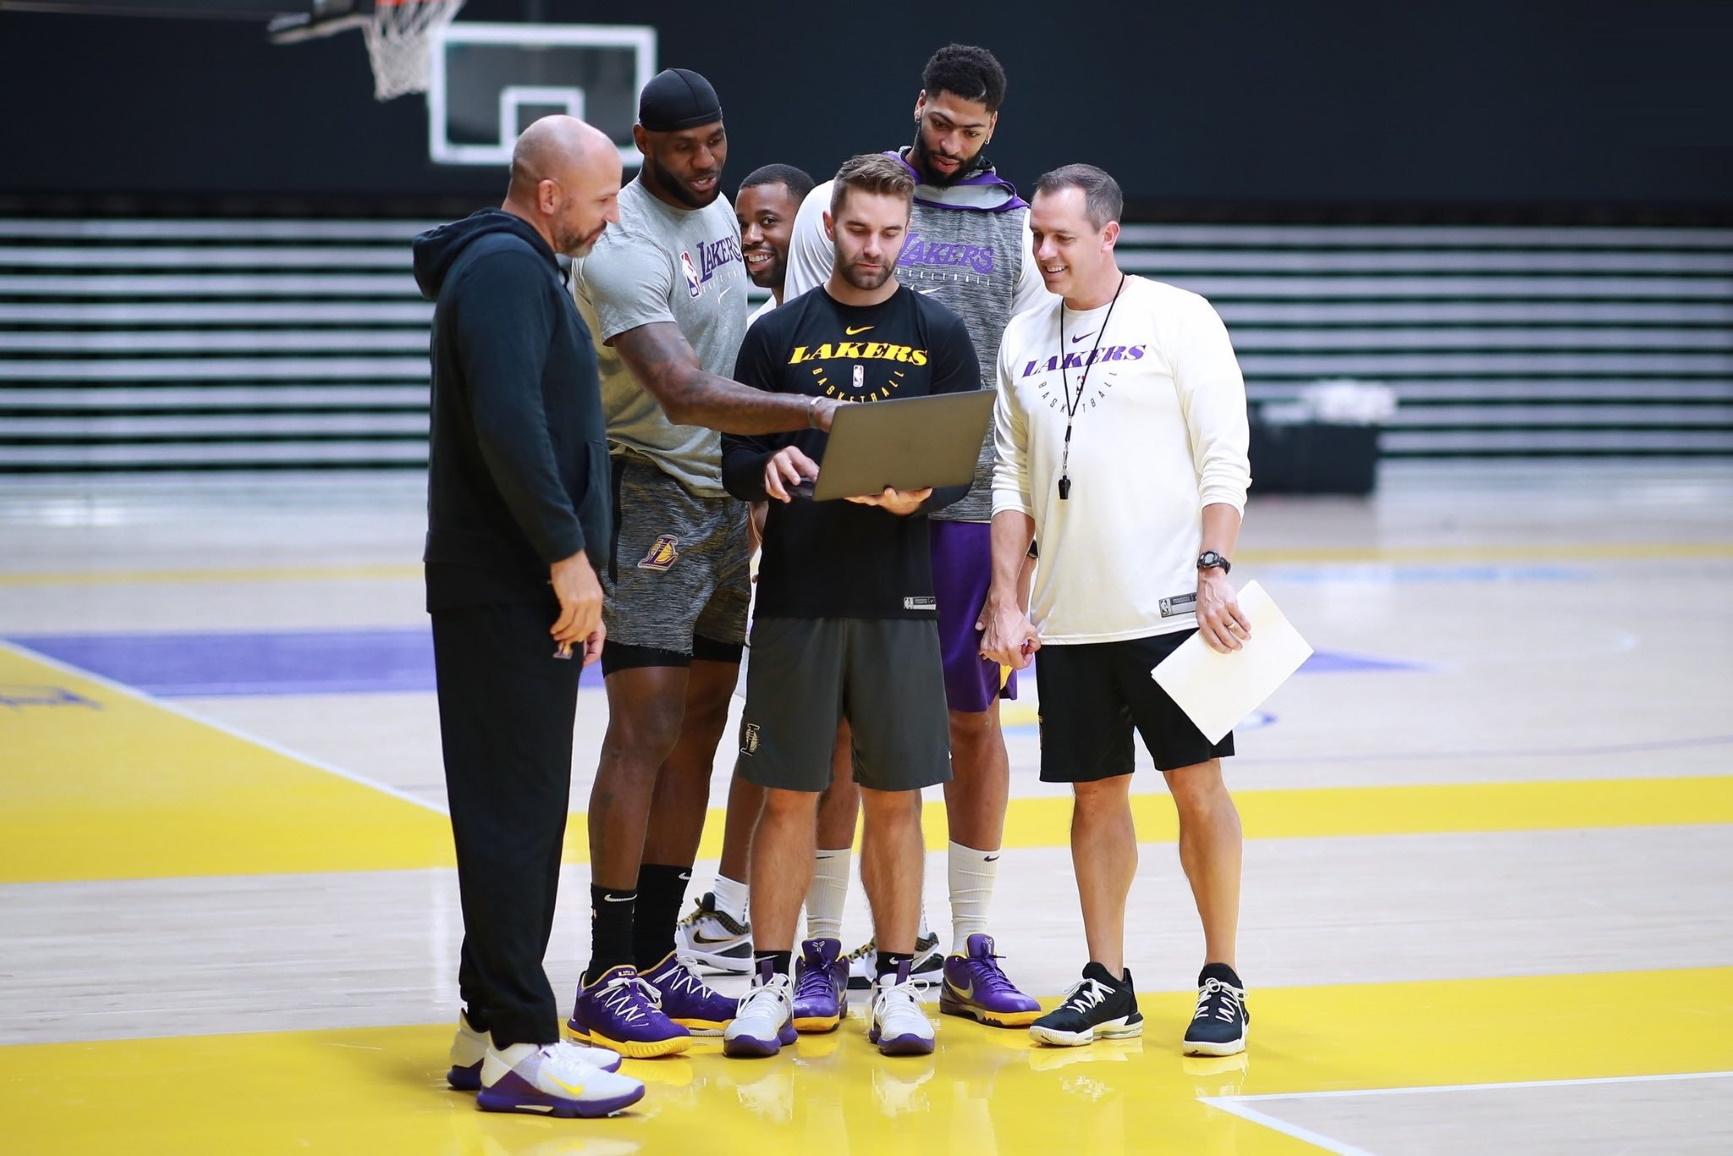 Jason Kidd, LeBron James, Dru Anthrop, Anthony Davis and Frank Vogel